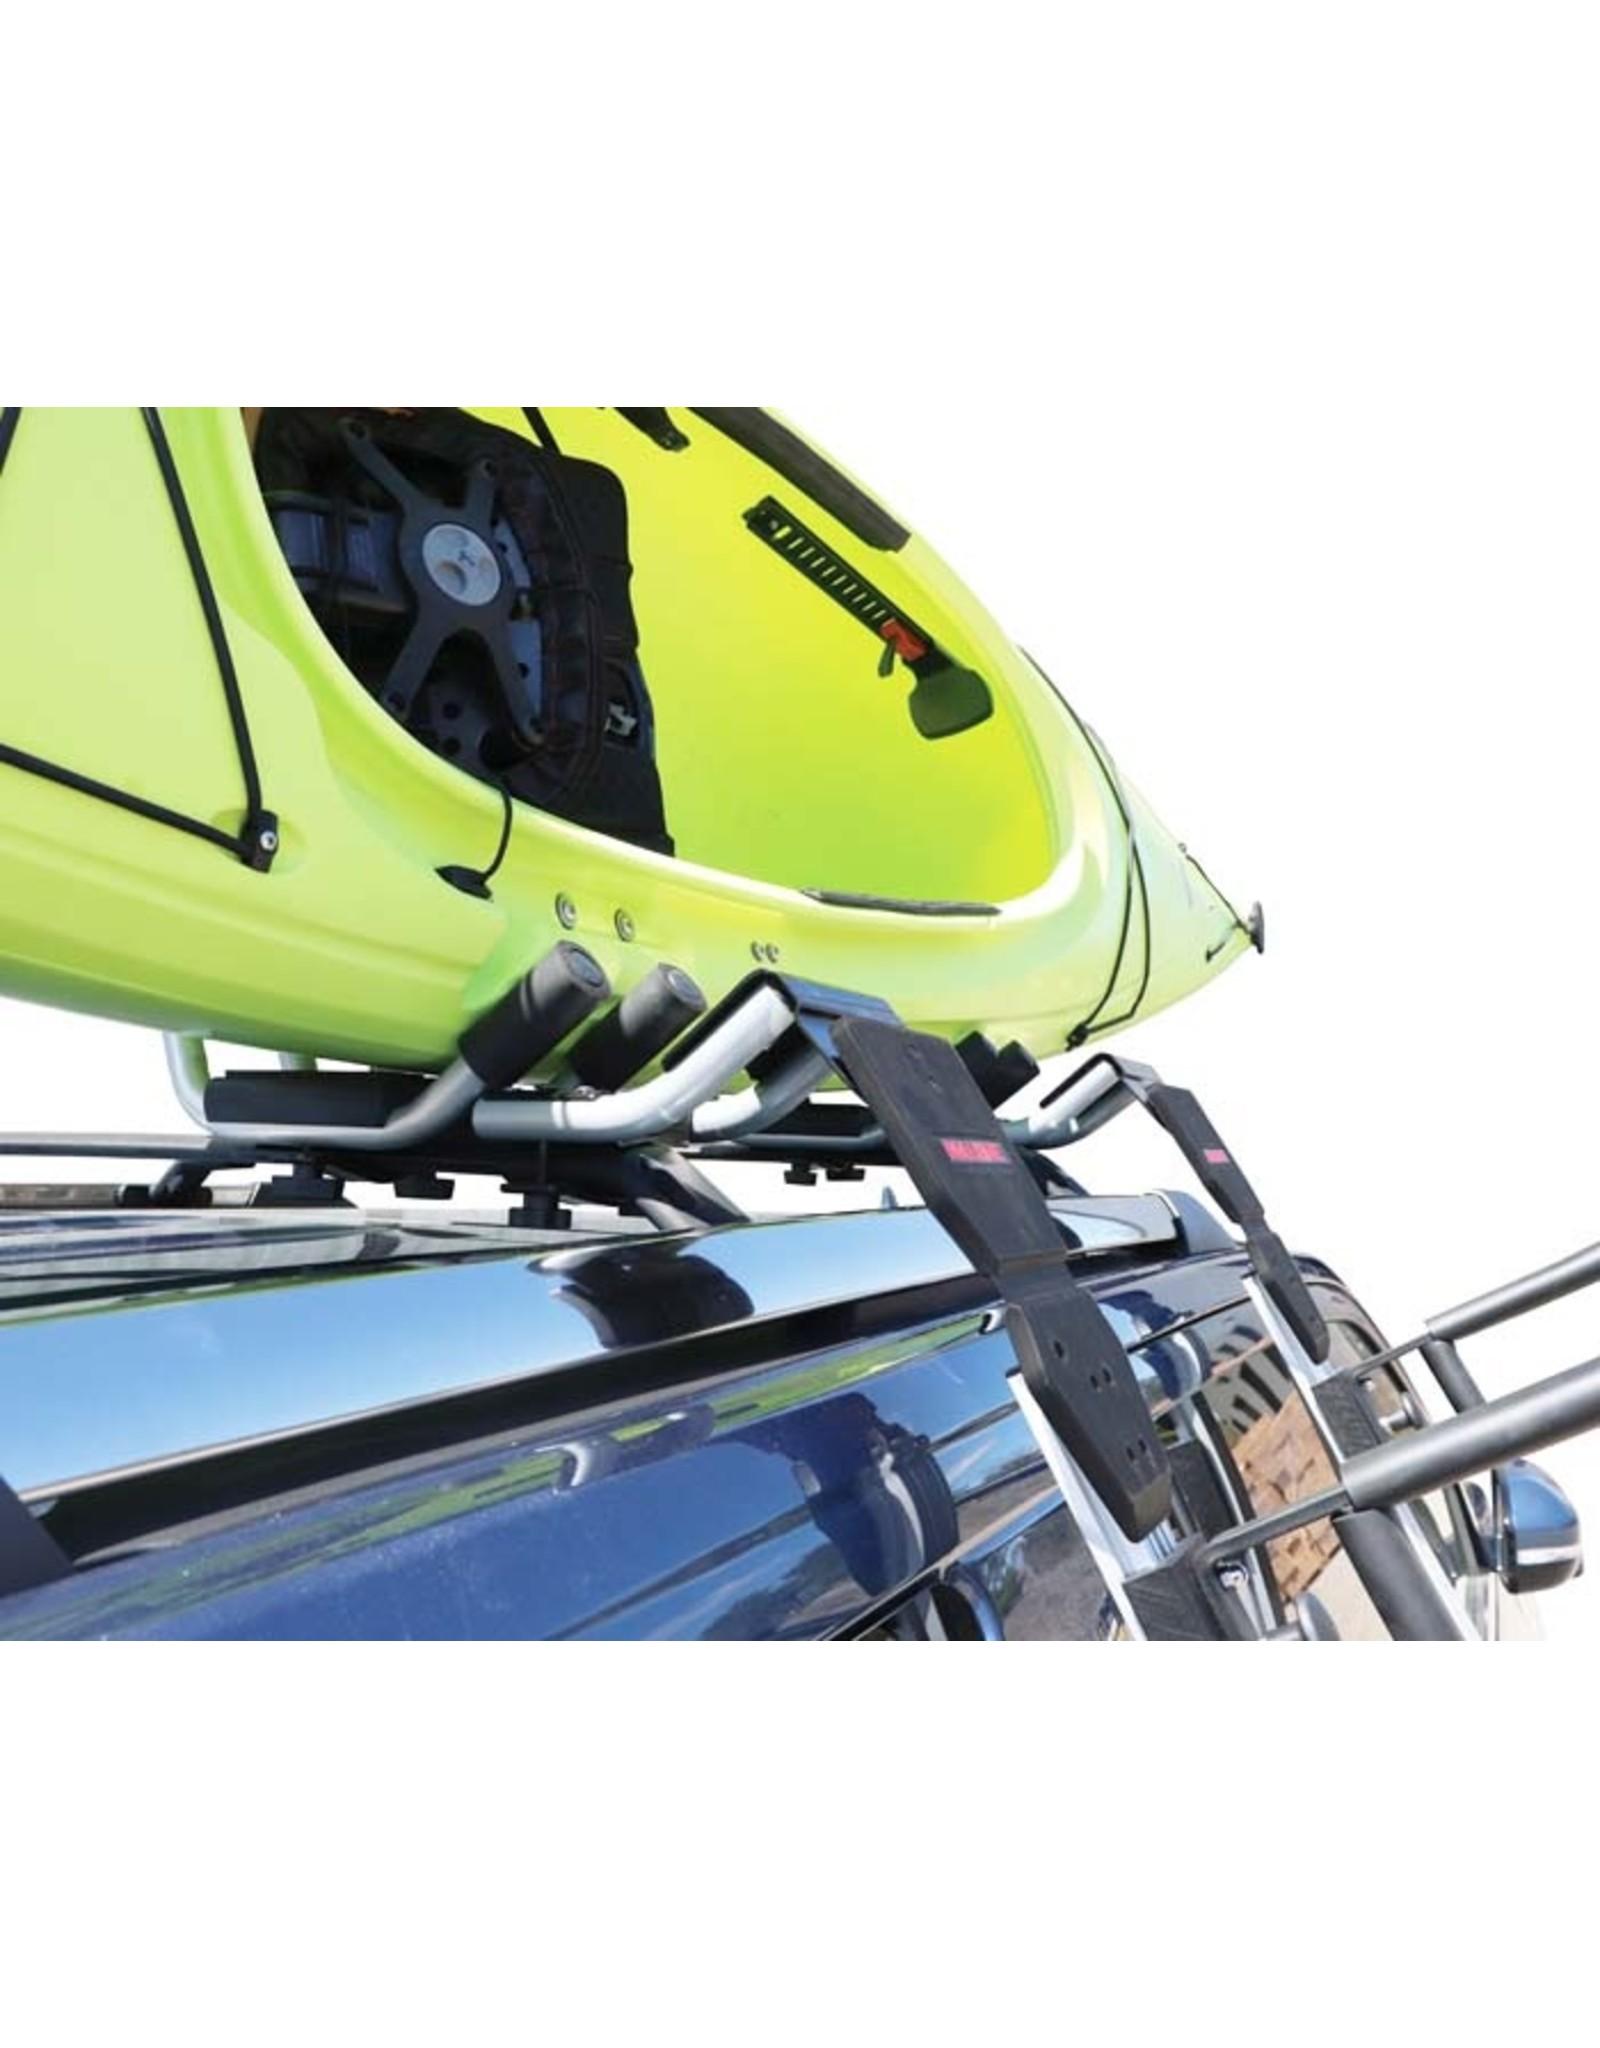 Malone Auto Rack Malone TelosXL / Universal Roof Rack Adapter Bundle